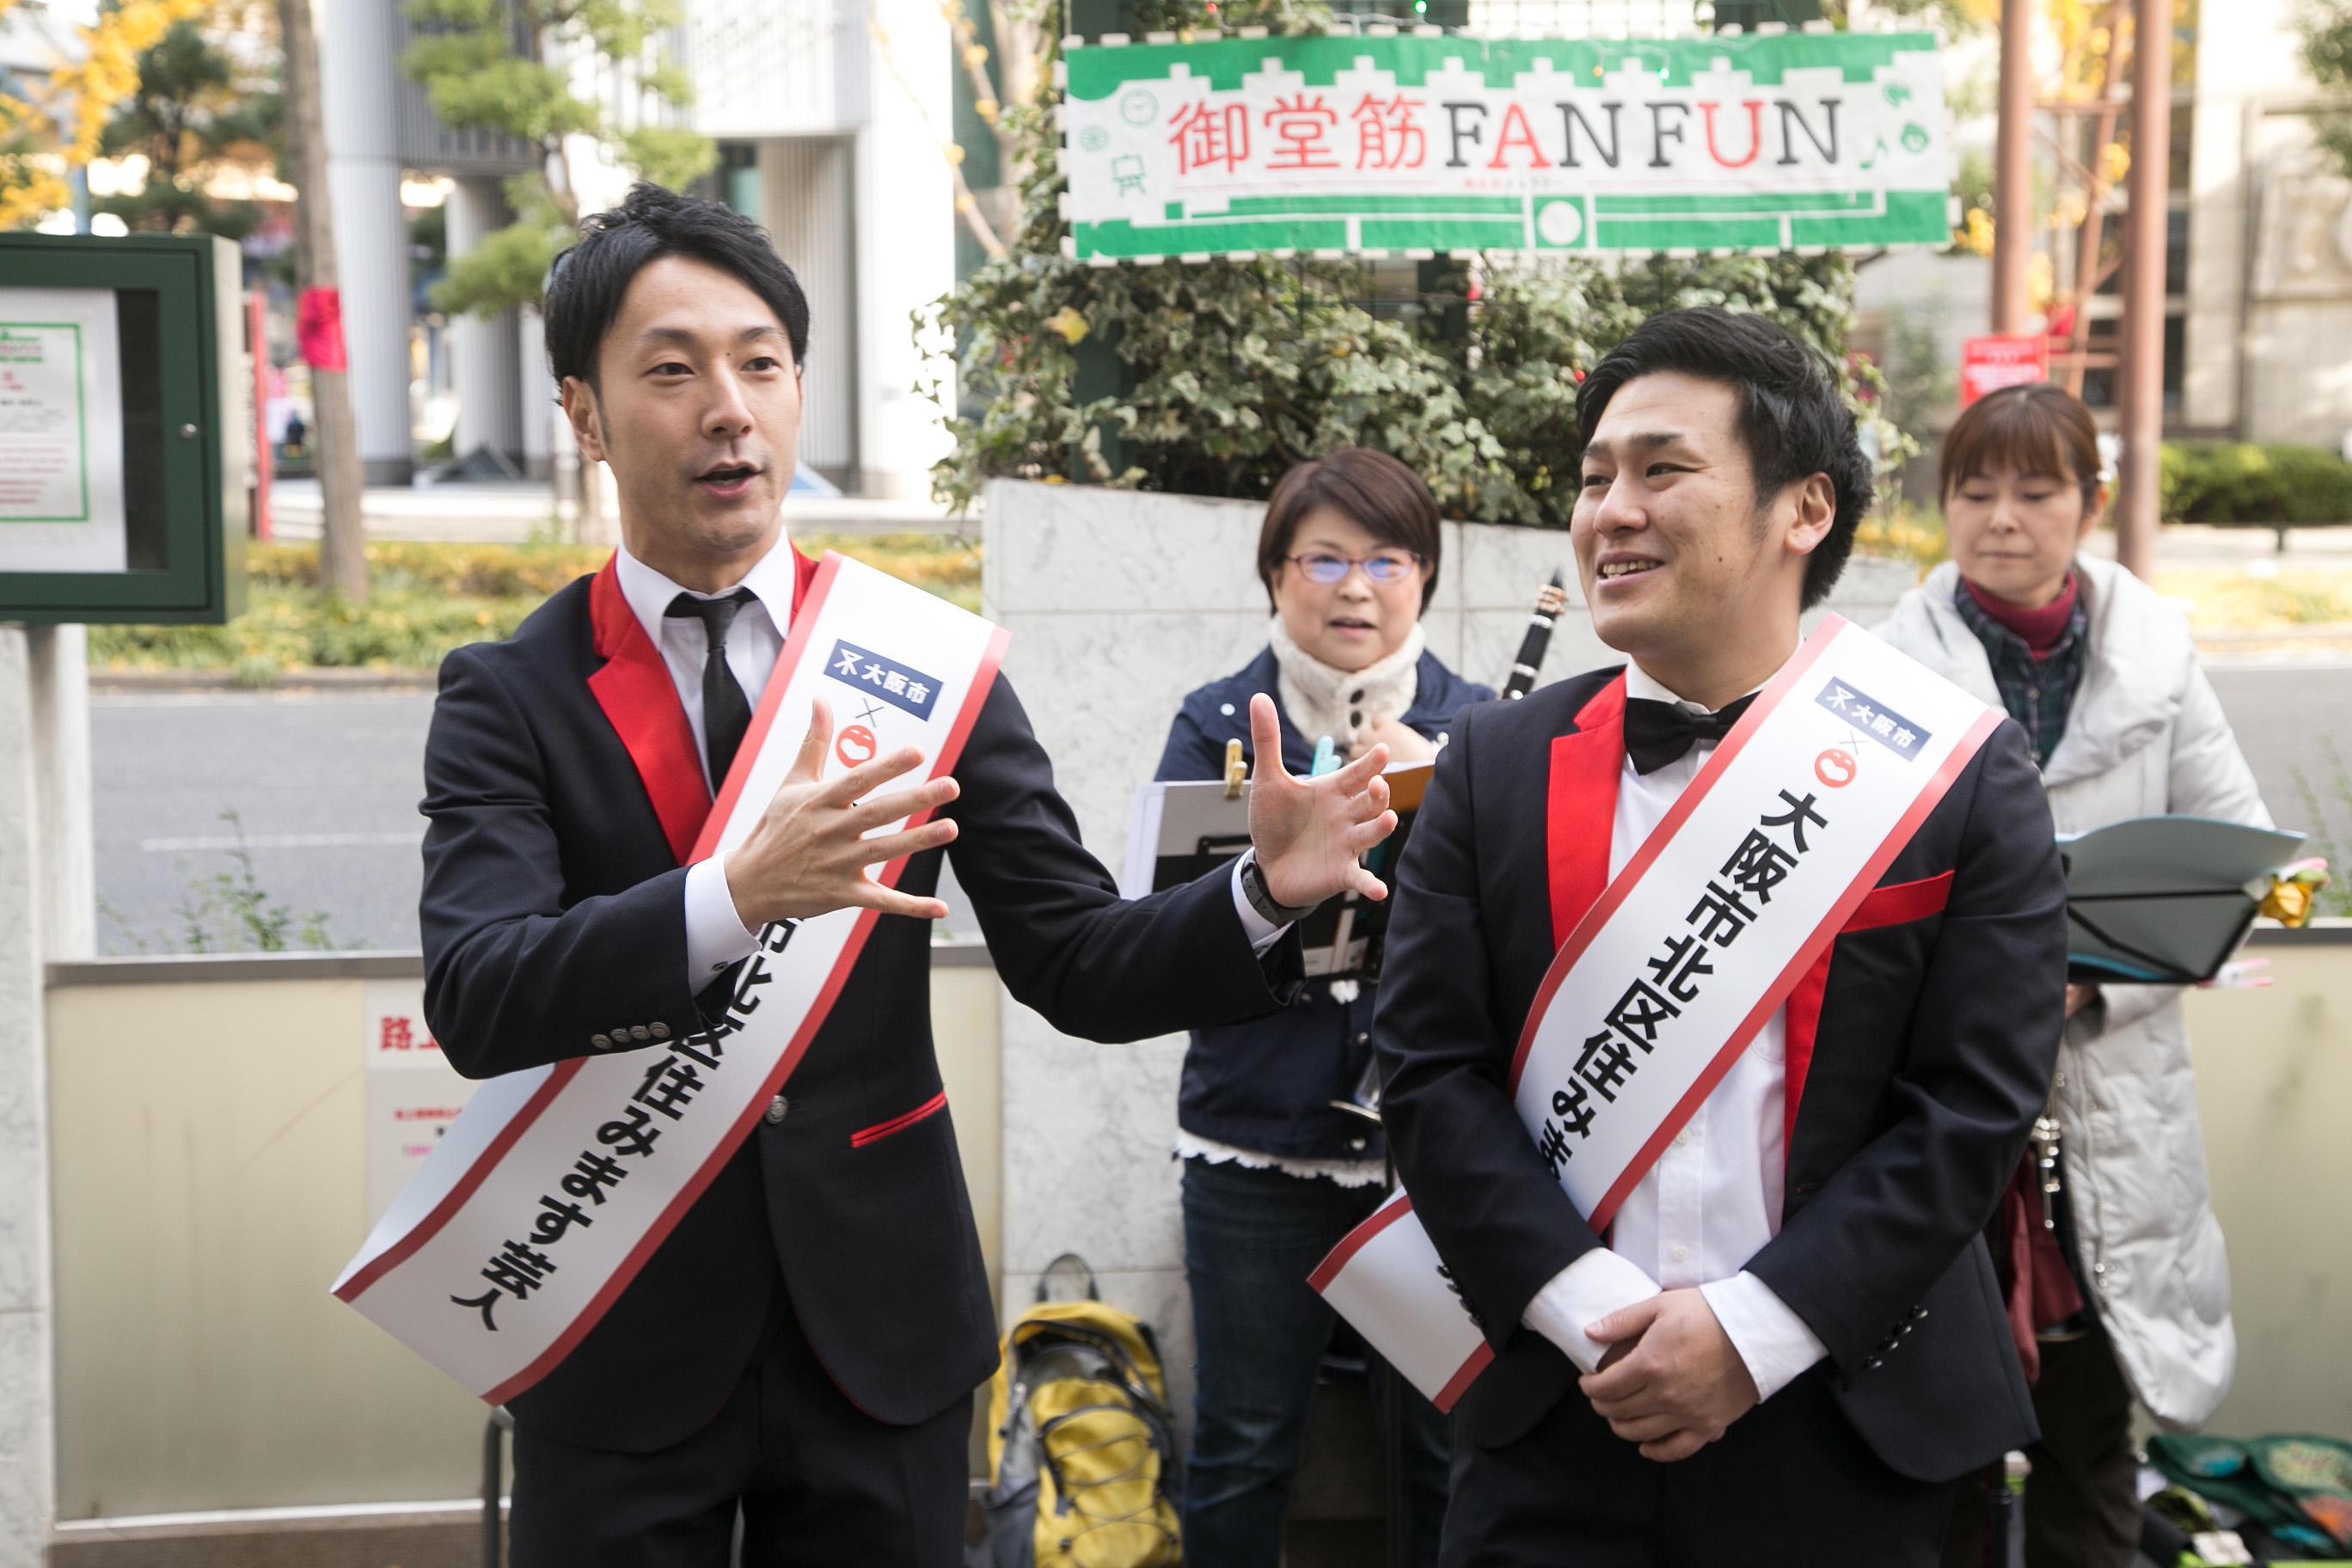 http://news.yoshimoto.co.jp/20171203202243-9ea52bdfe3f5767ed1723c29667f2b8dc52e7c98.jpg